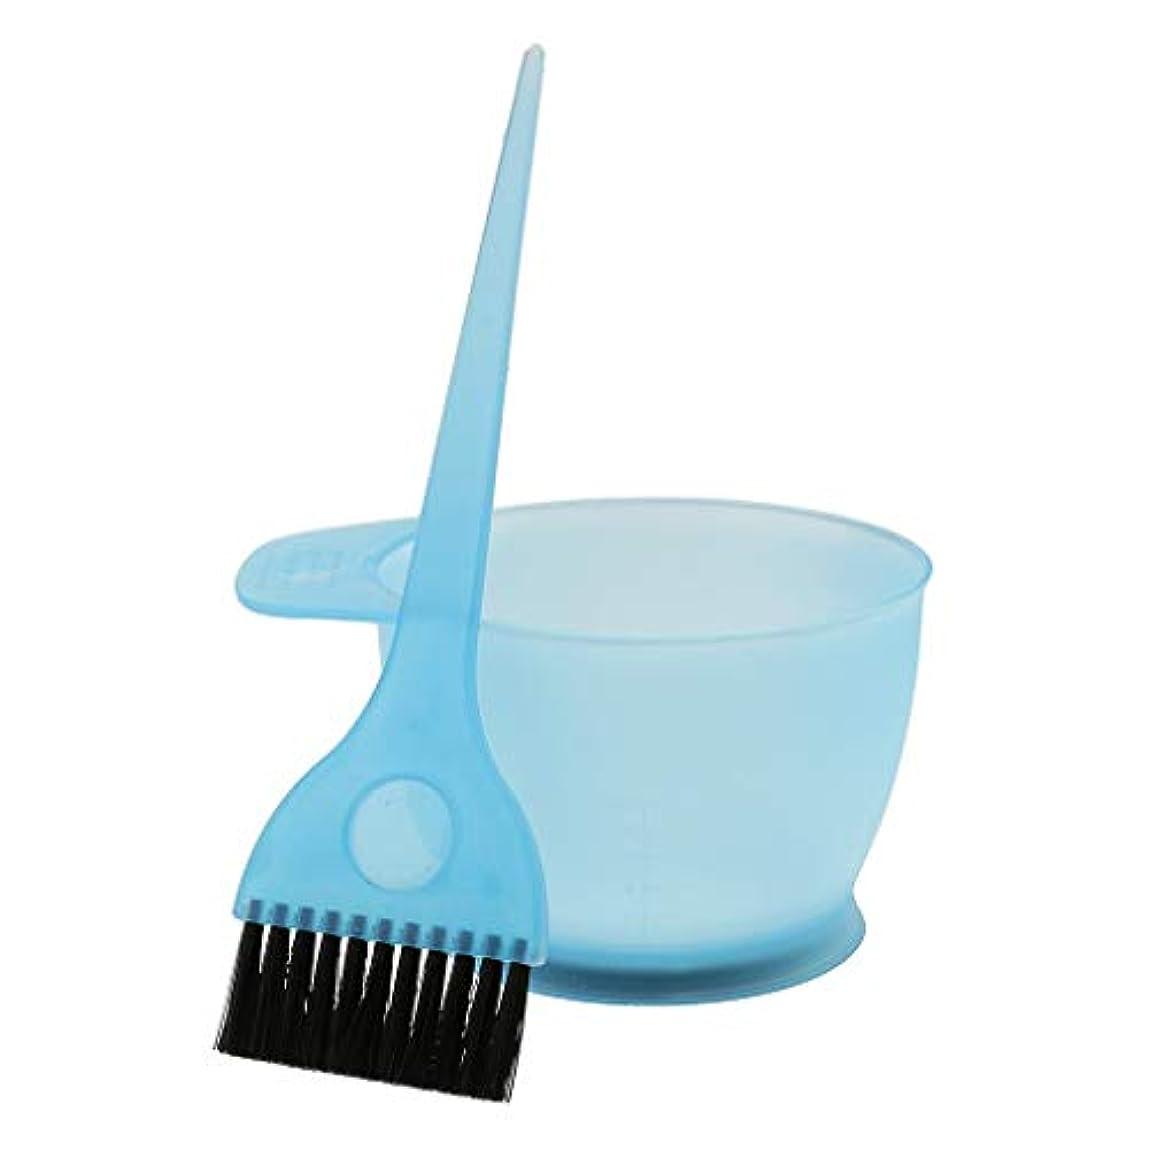 意義上級ハイライト髪の色合い染料着色ツールのためのサロン髪色染料ボウル櫛ブラシセットスーツ (ブルー)